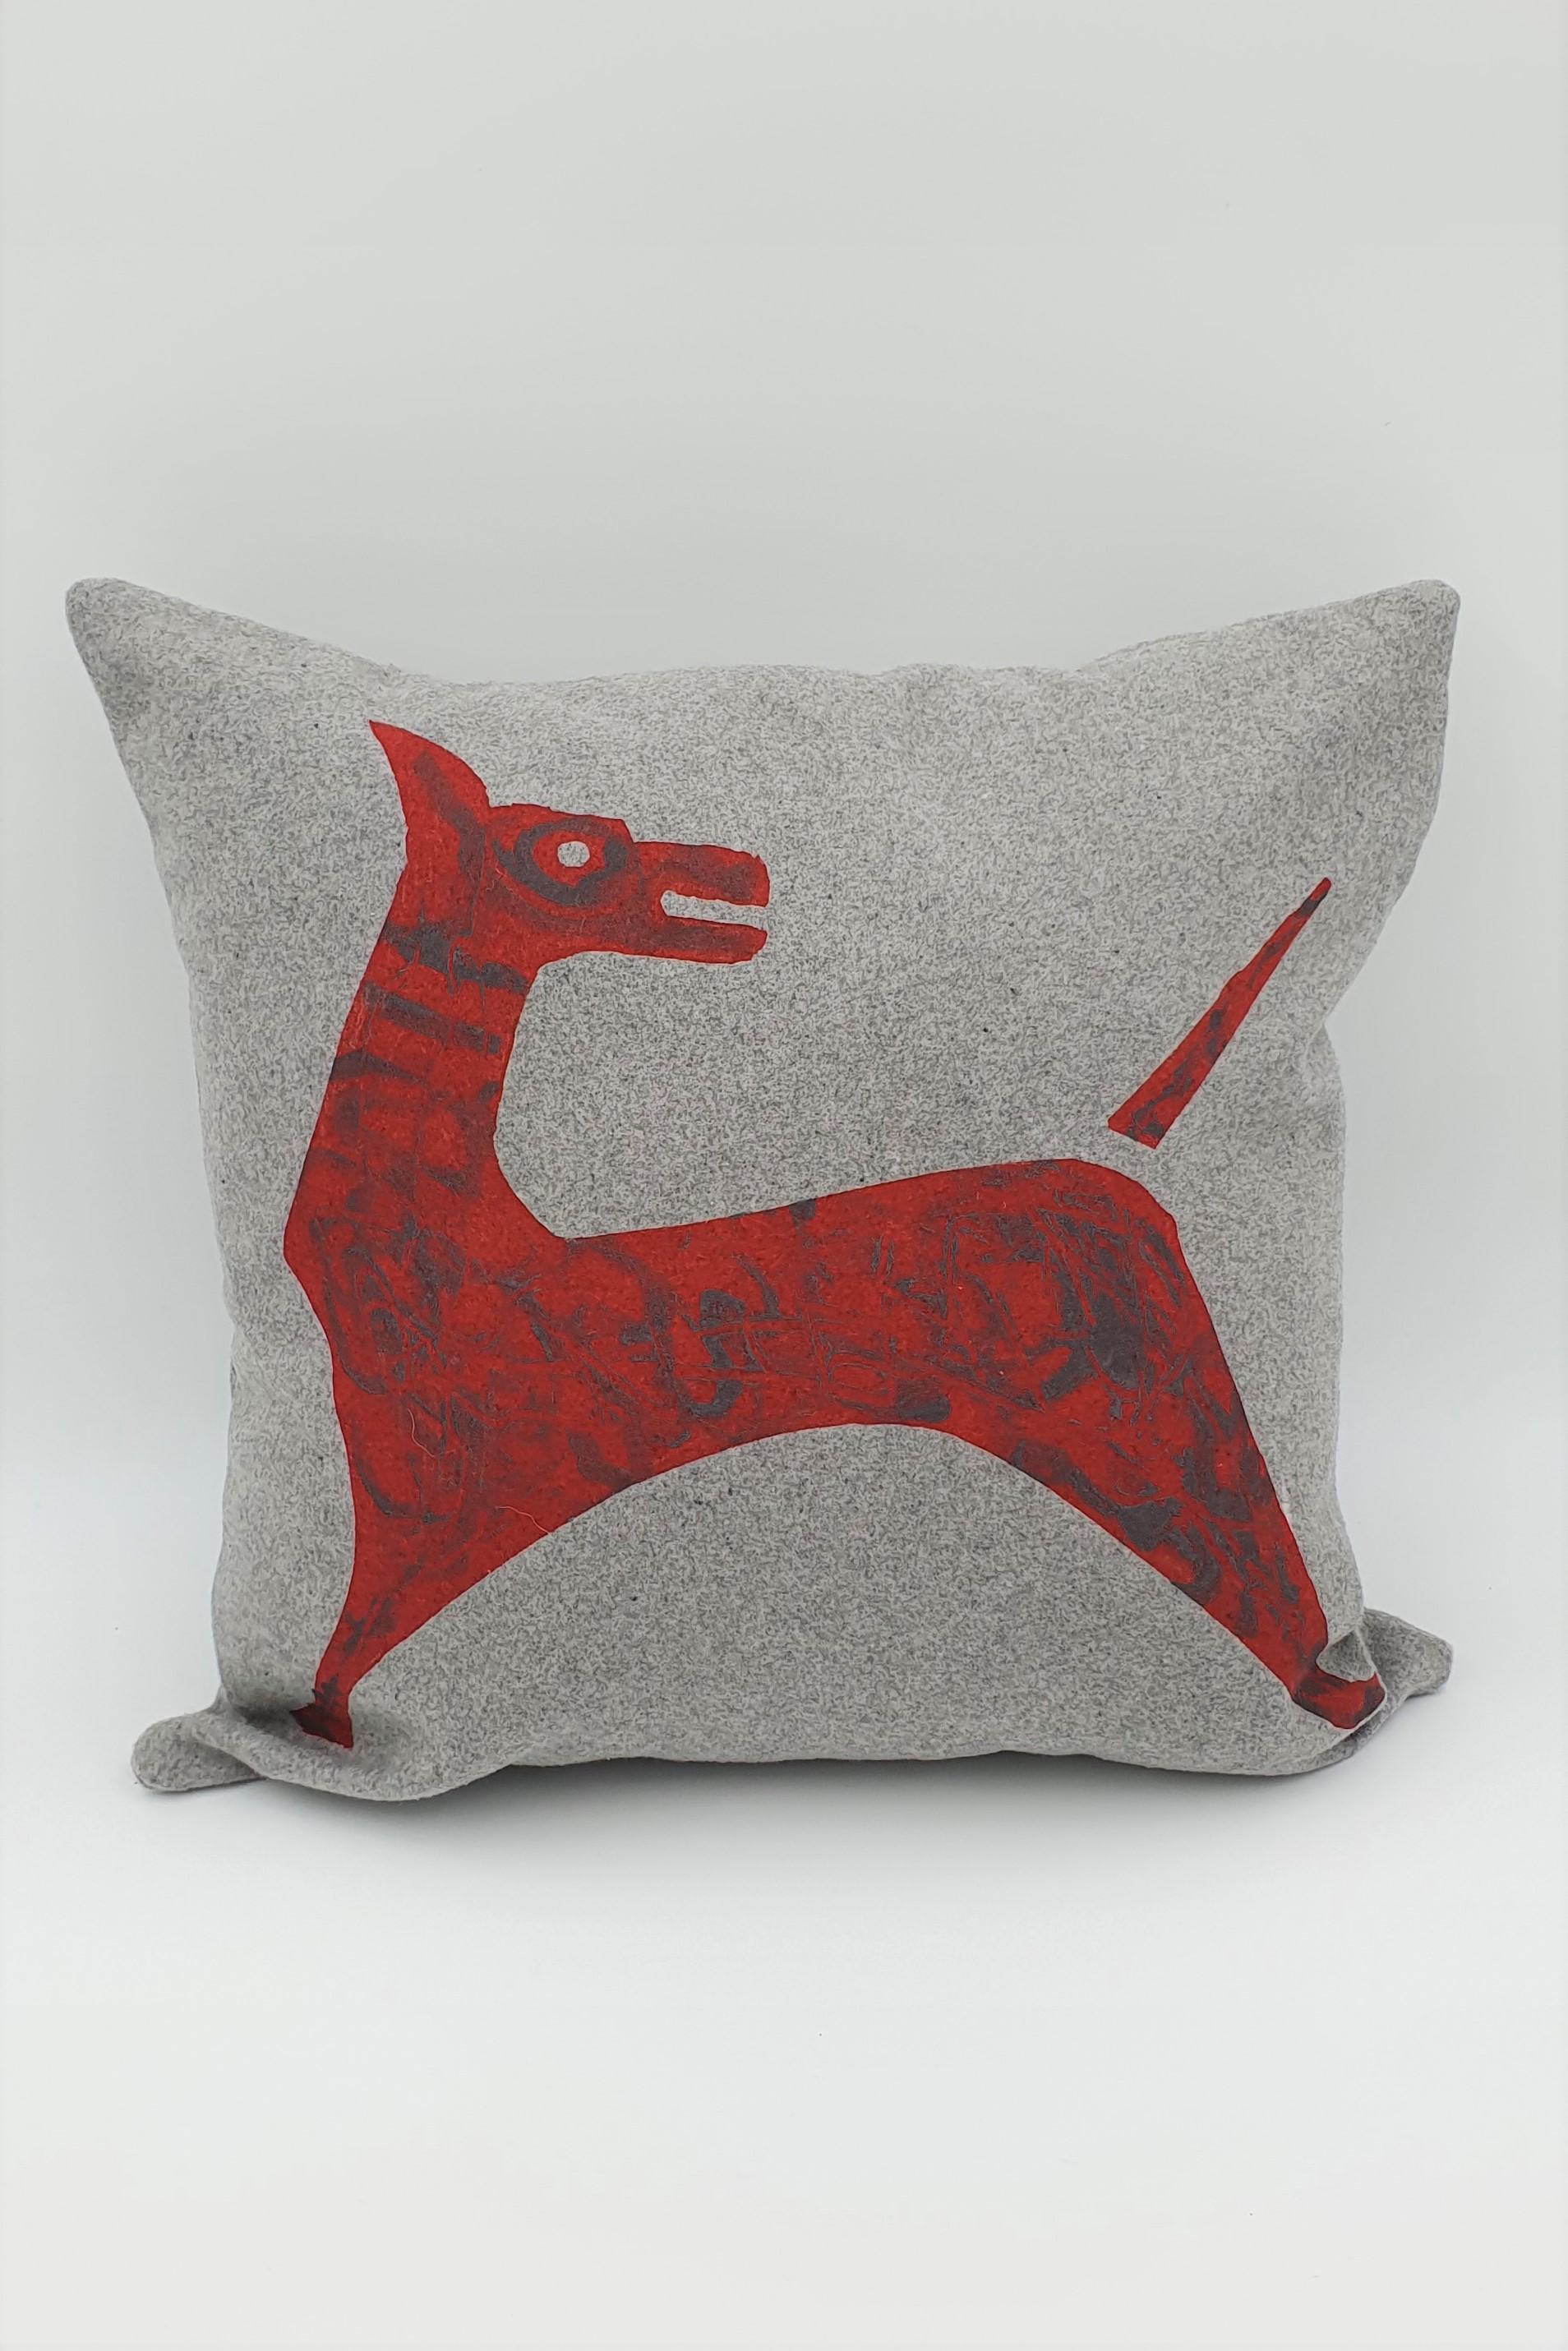 Merchant Malloy - felt cushion covers